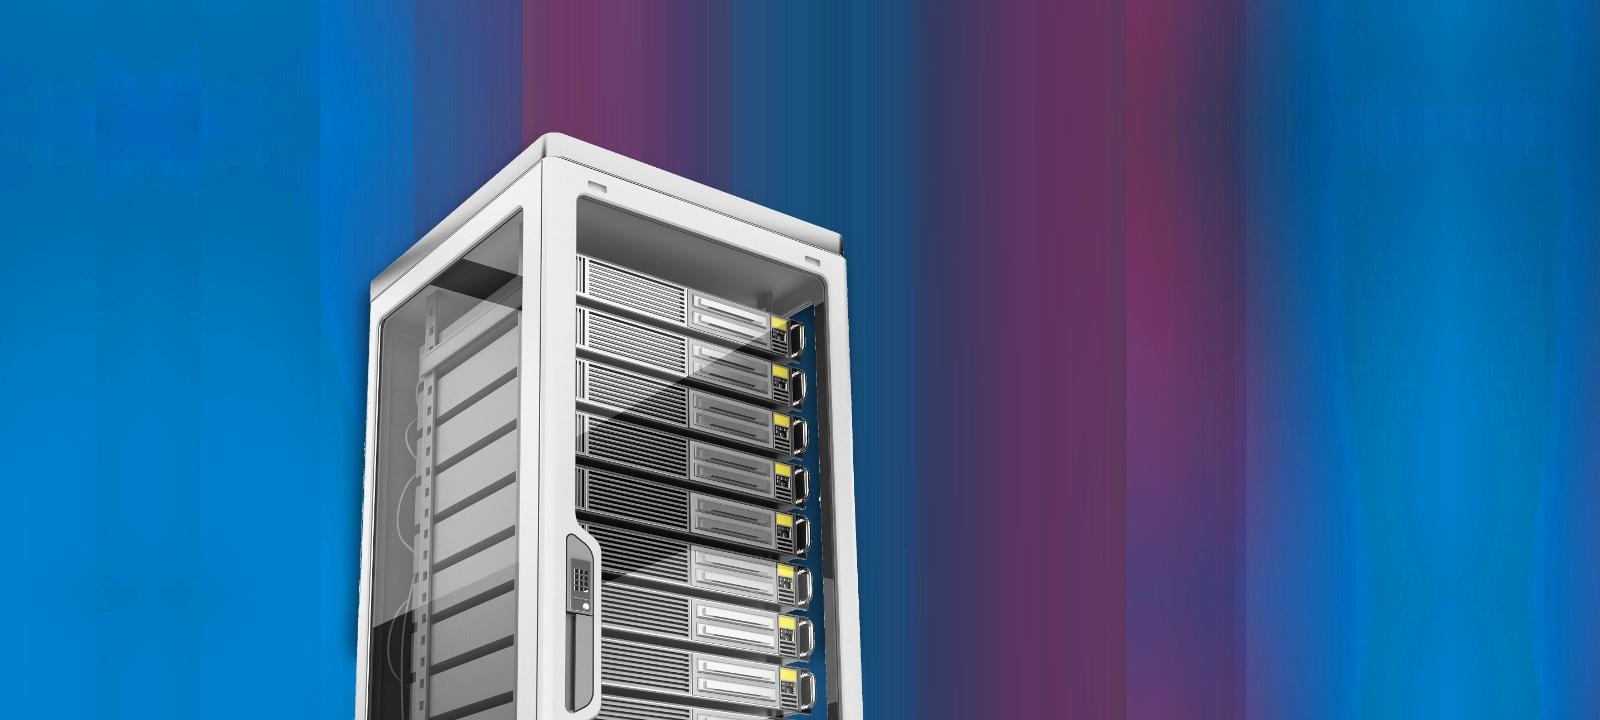 хостинг серверов samp дешево